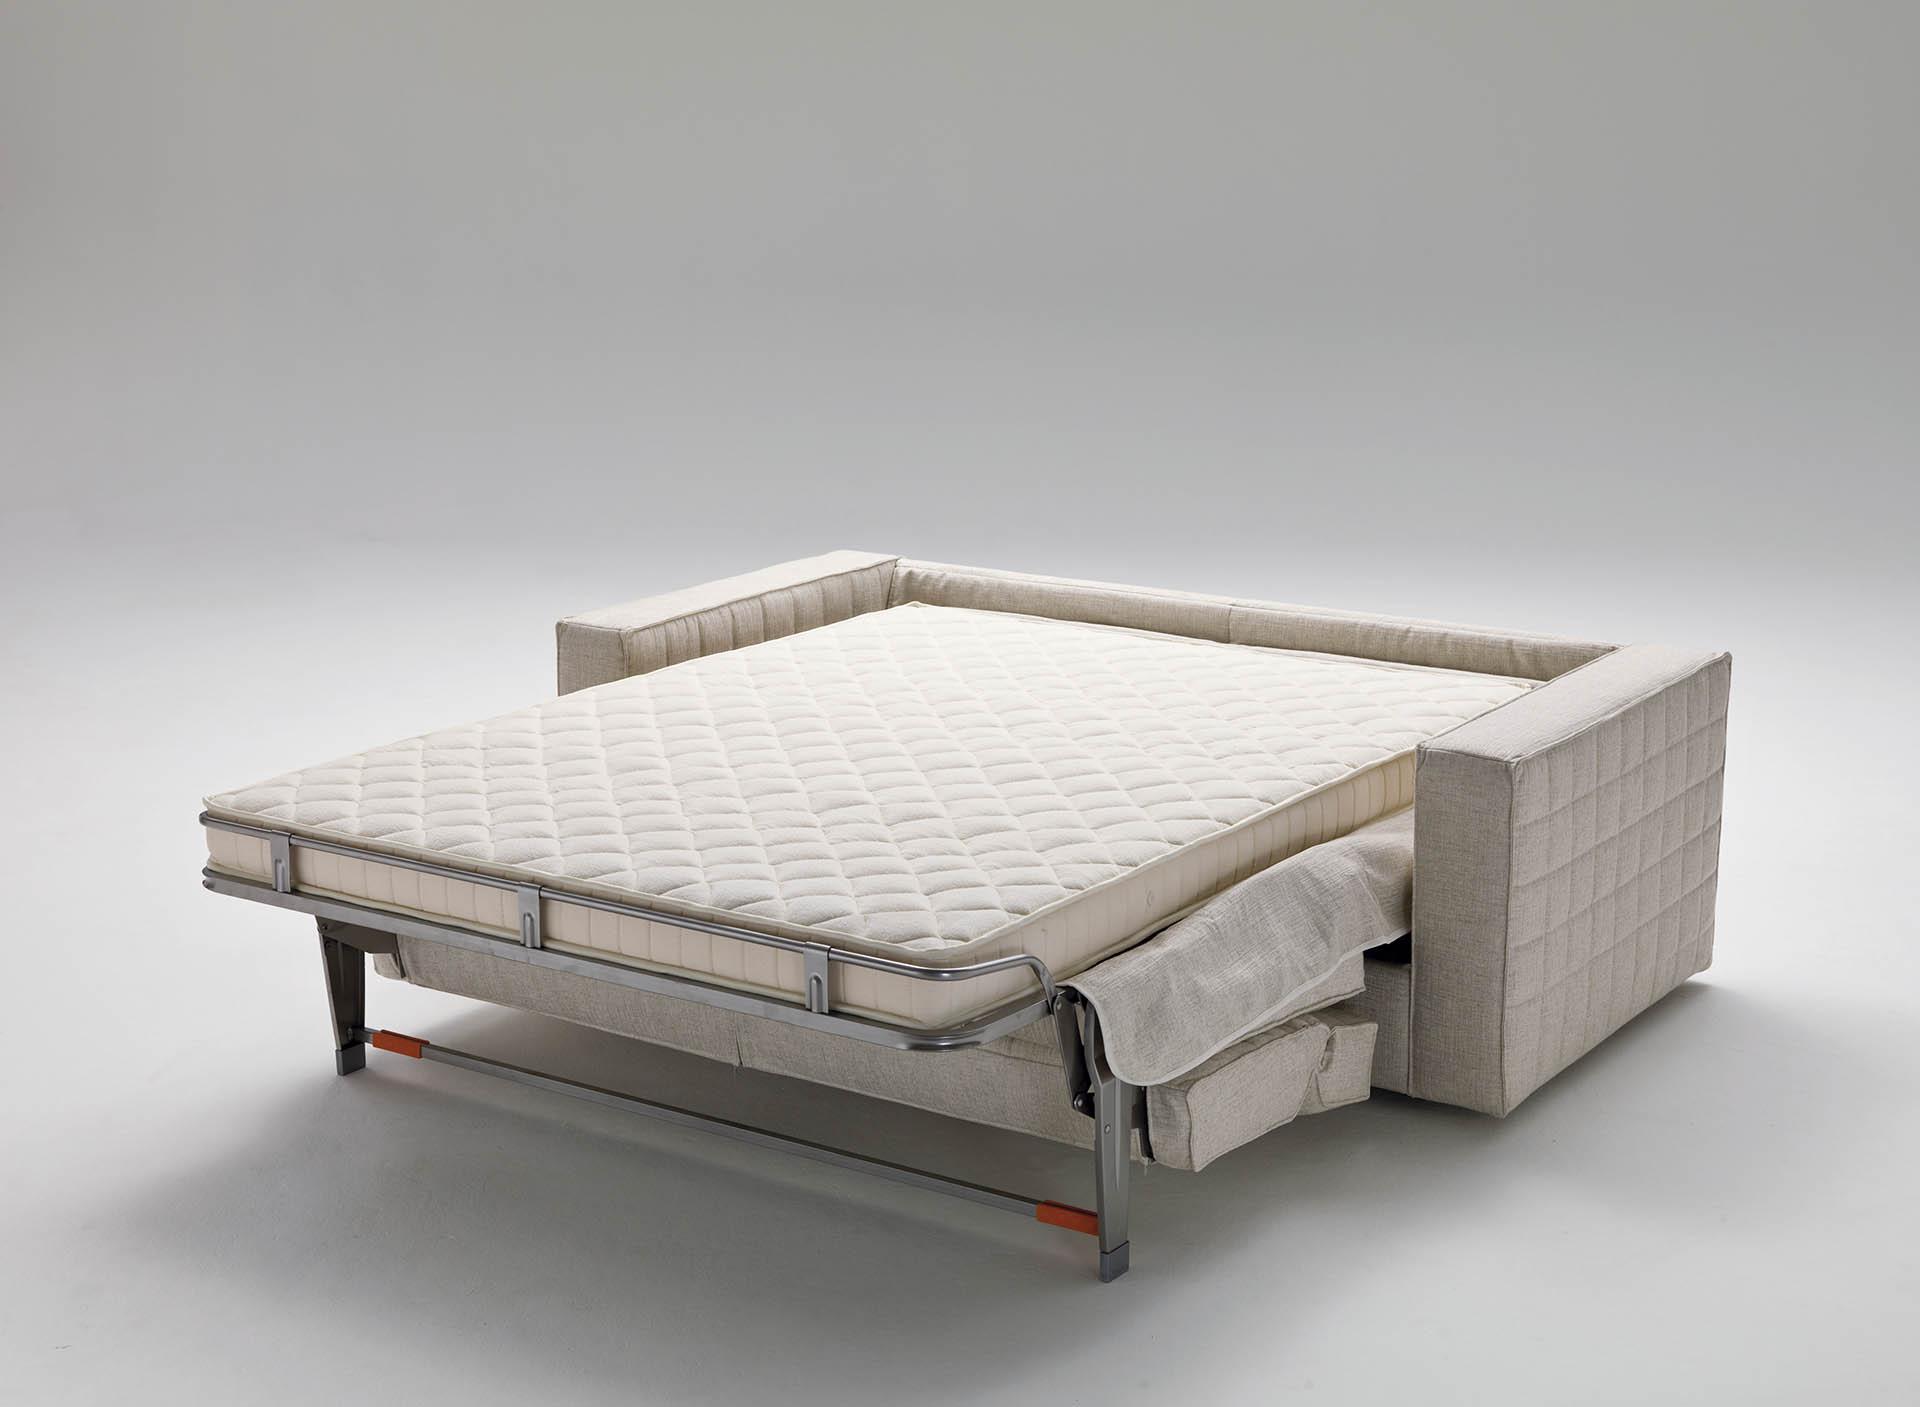 milano bedding divano letto gran lit. Black Bedroom Furniture Sets. Home Design Ideas